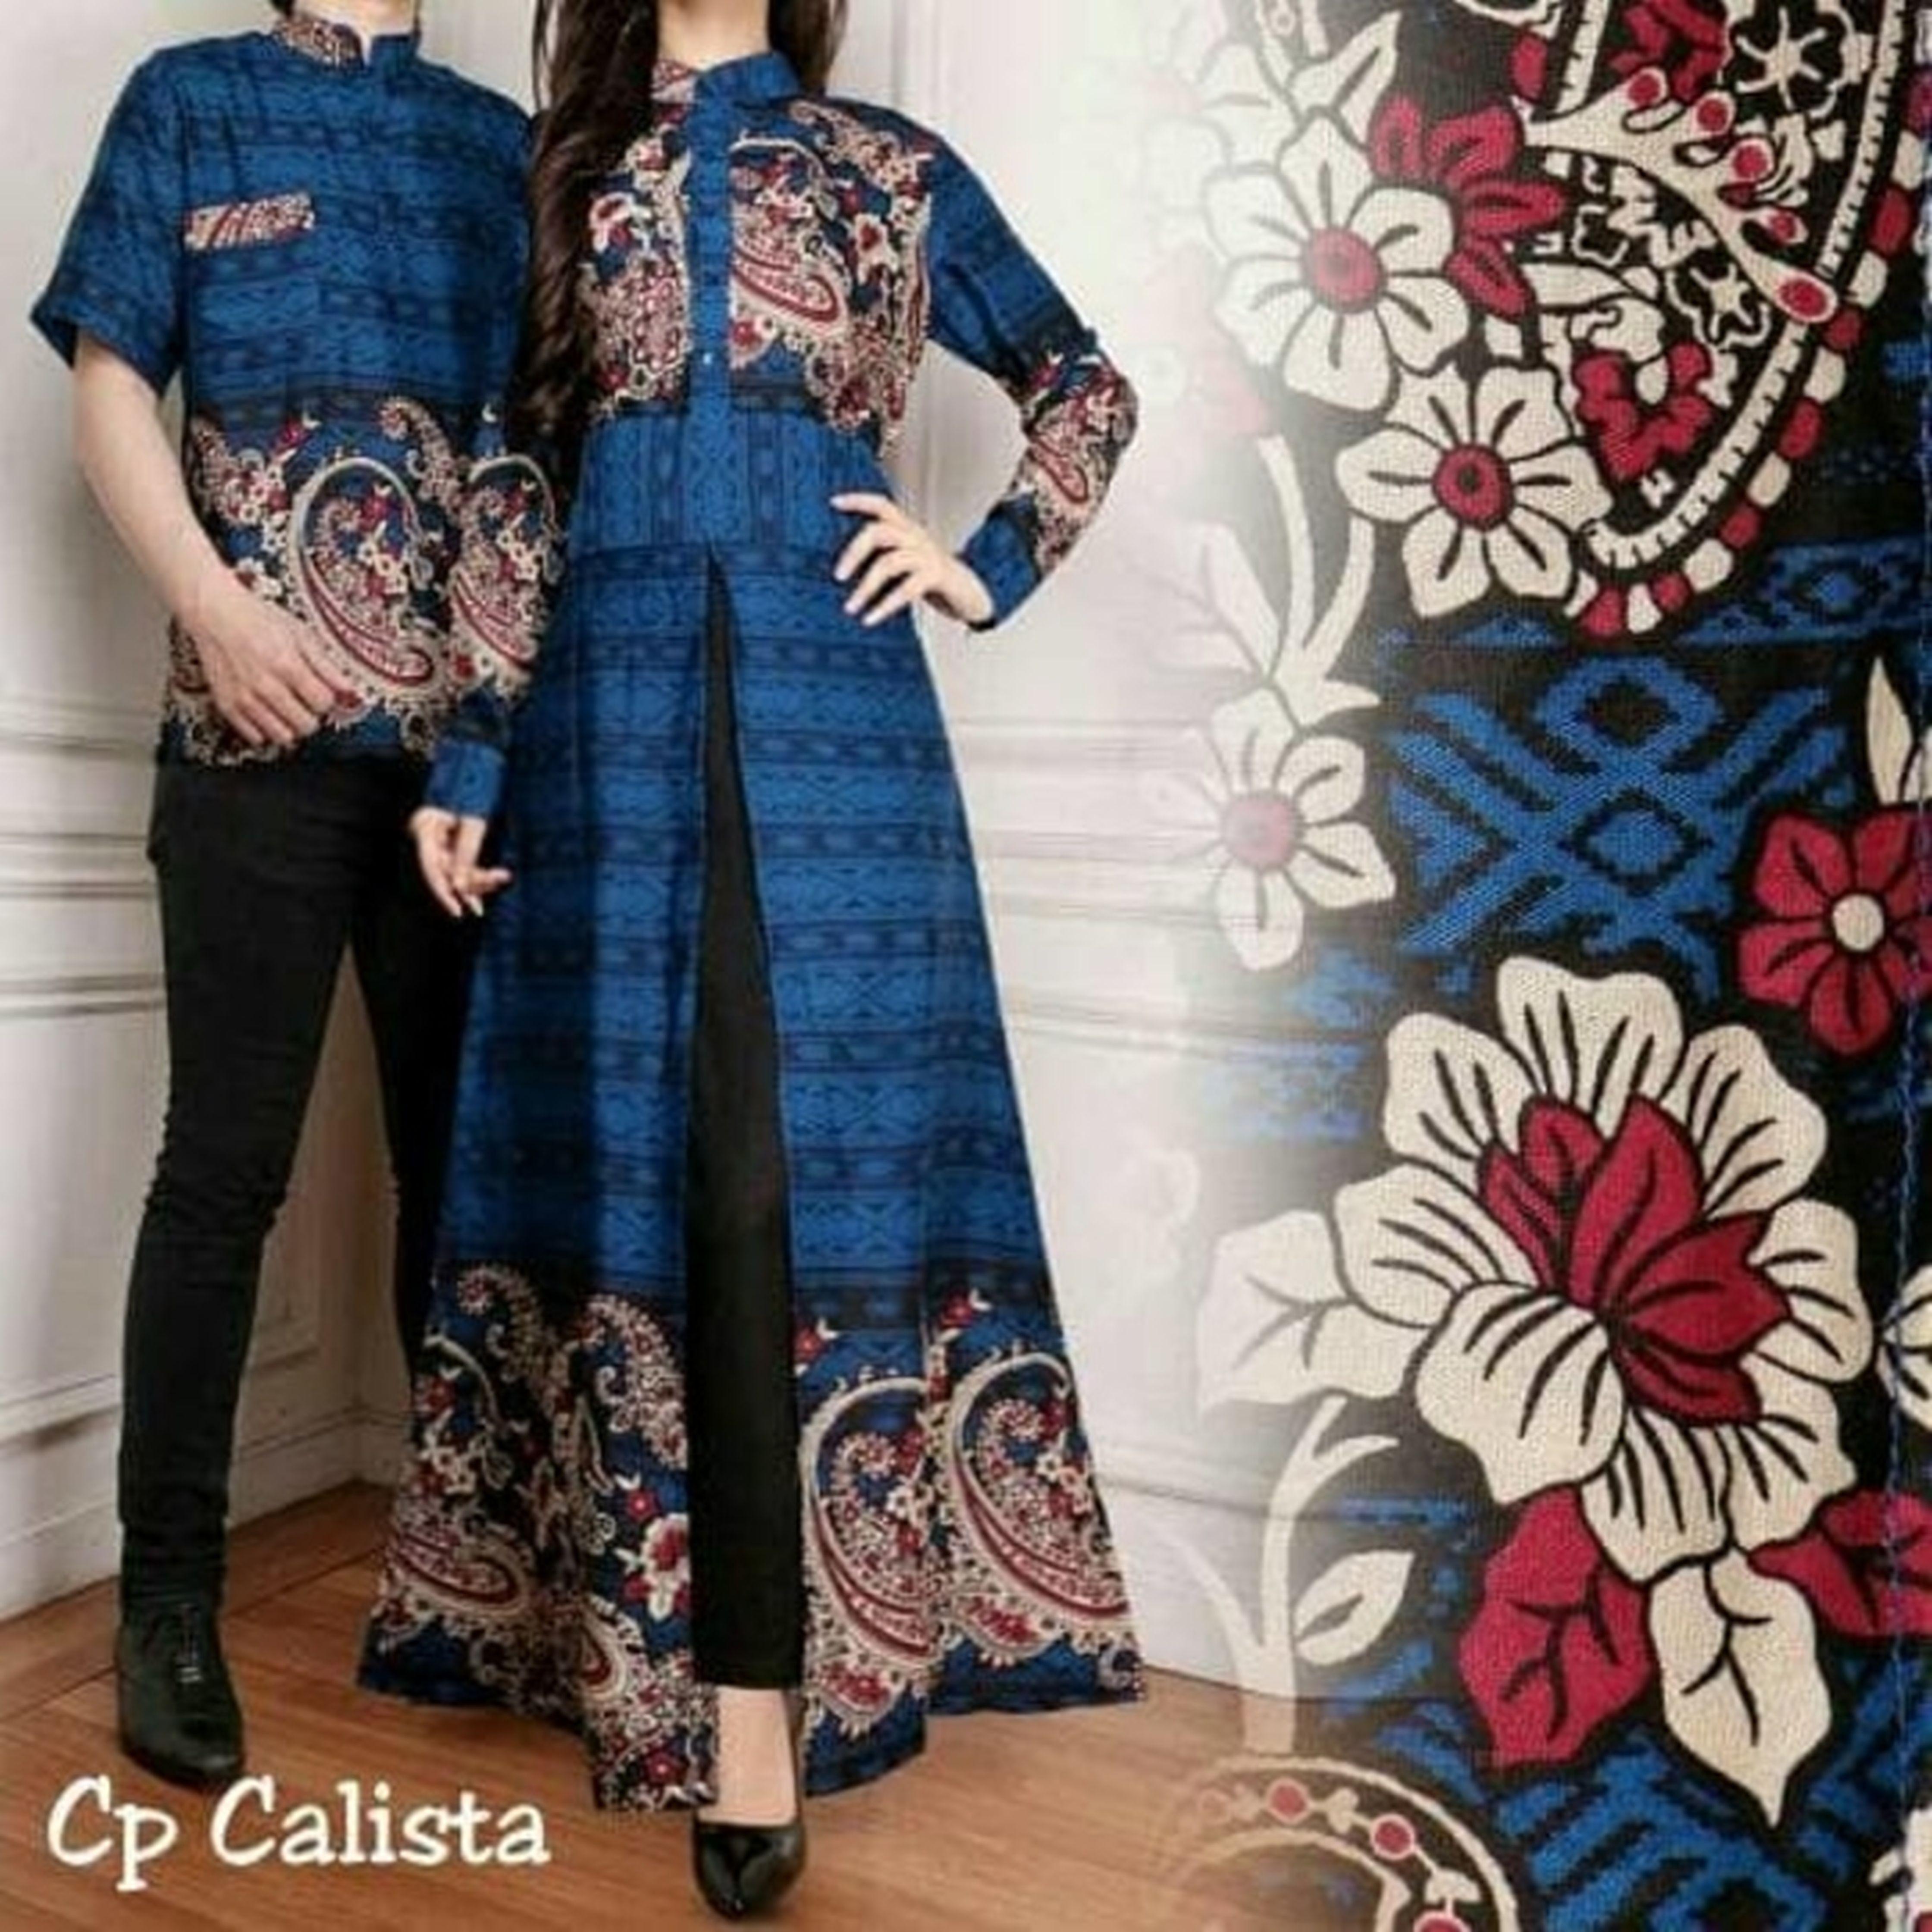 Couple Calista couple batik couple muslim couple gamis baju grosir